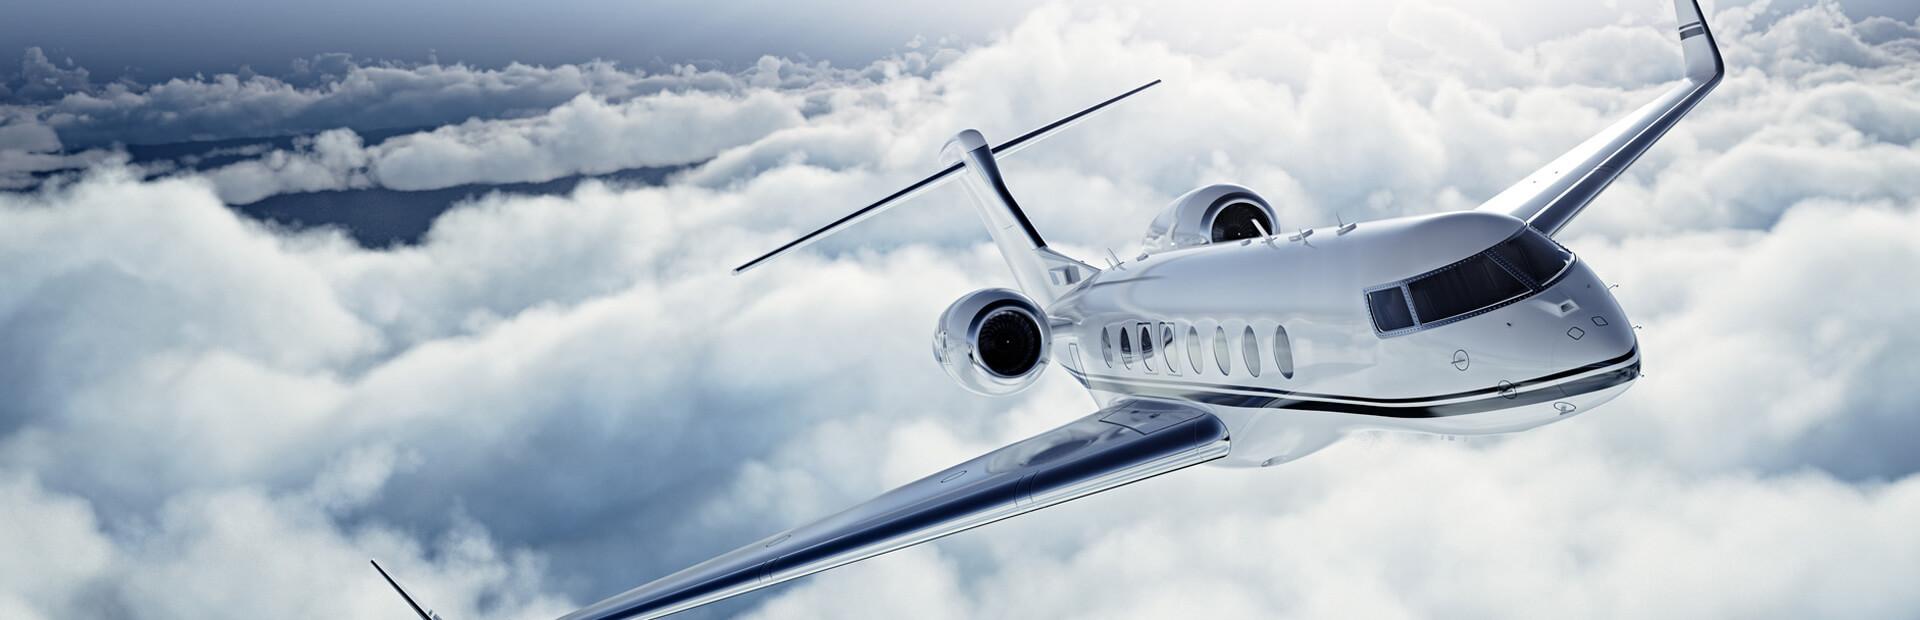 Private Business Plane